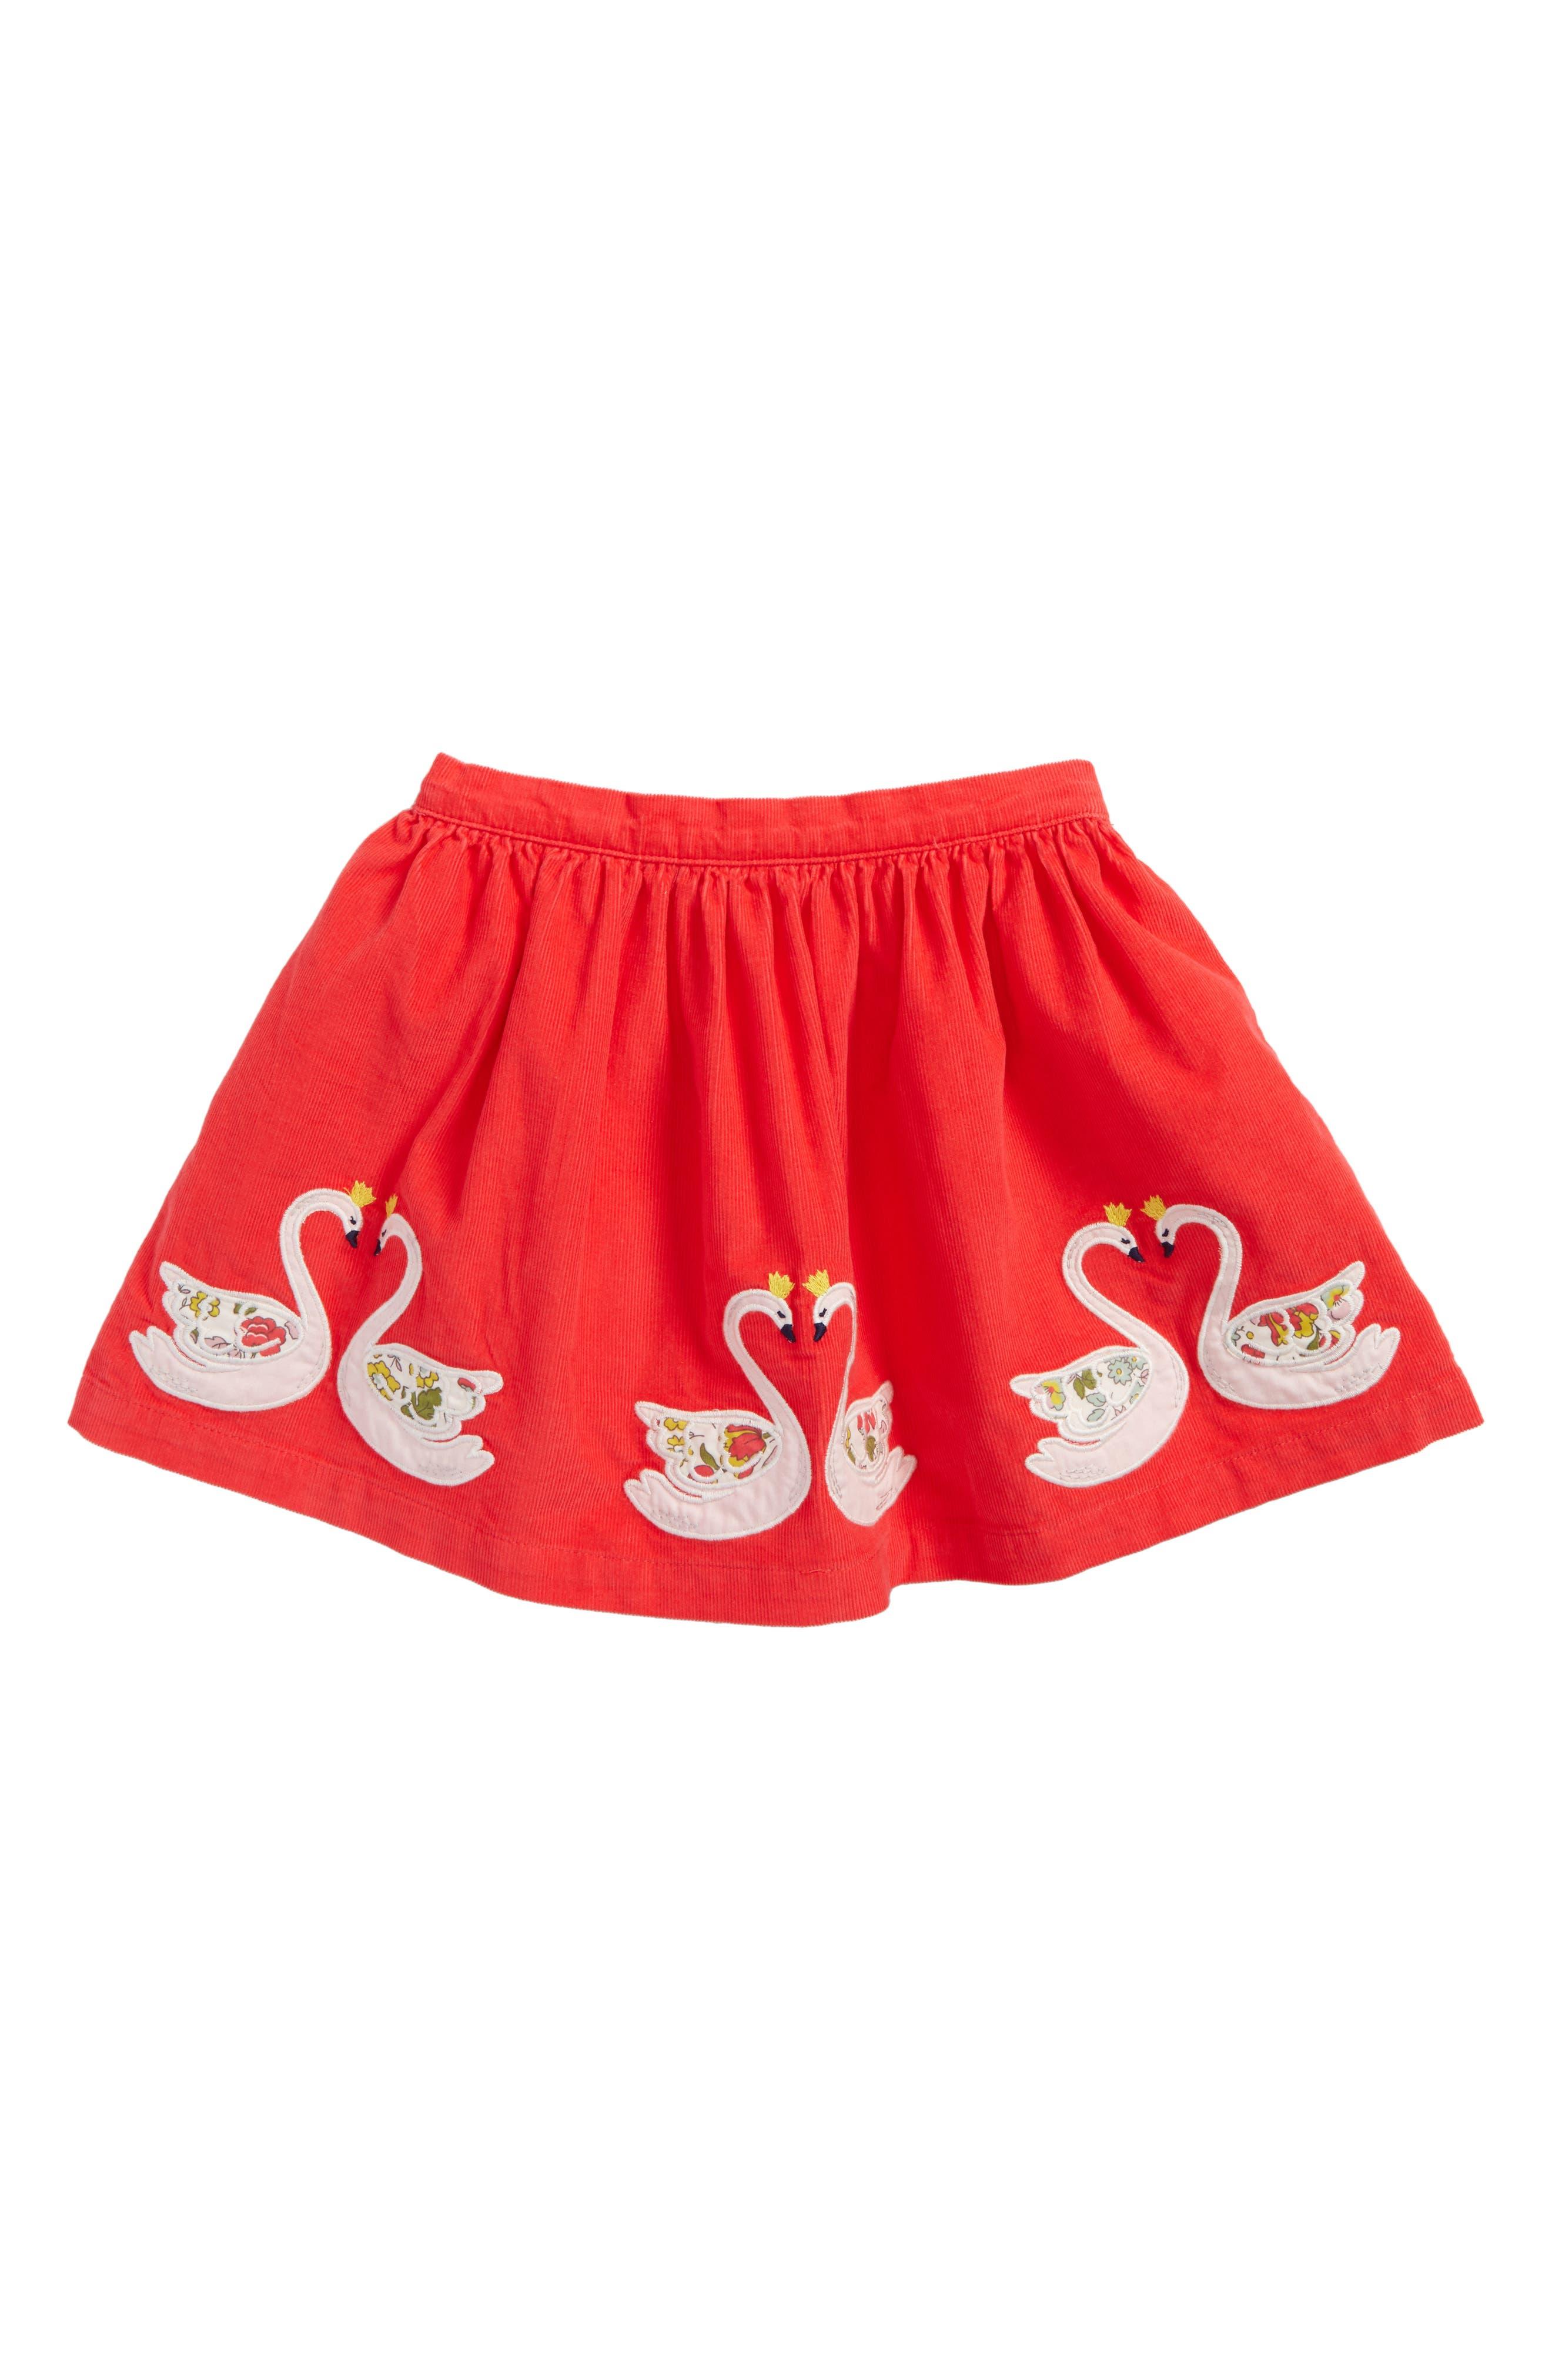 Fairytale Appliqué Corduroy Skirt,                             Main thumbnail 1, color,                             Pink Berry